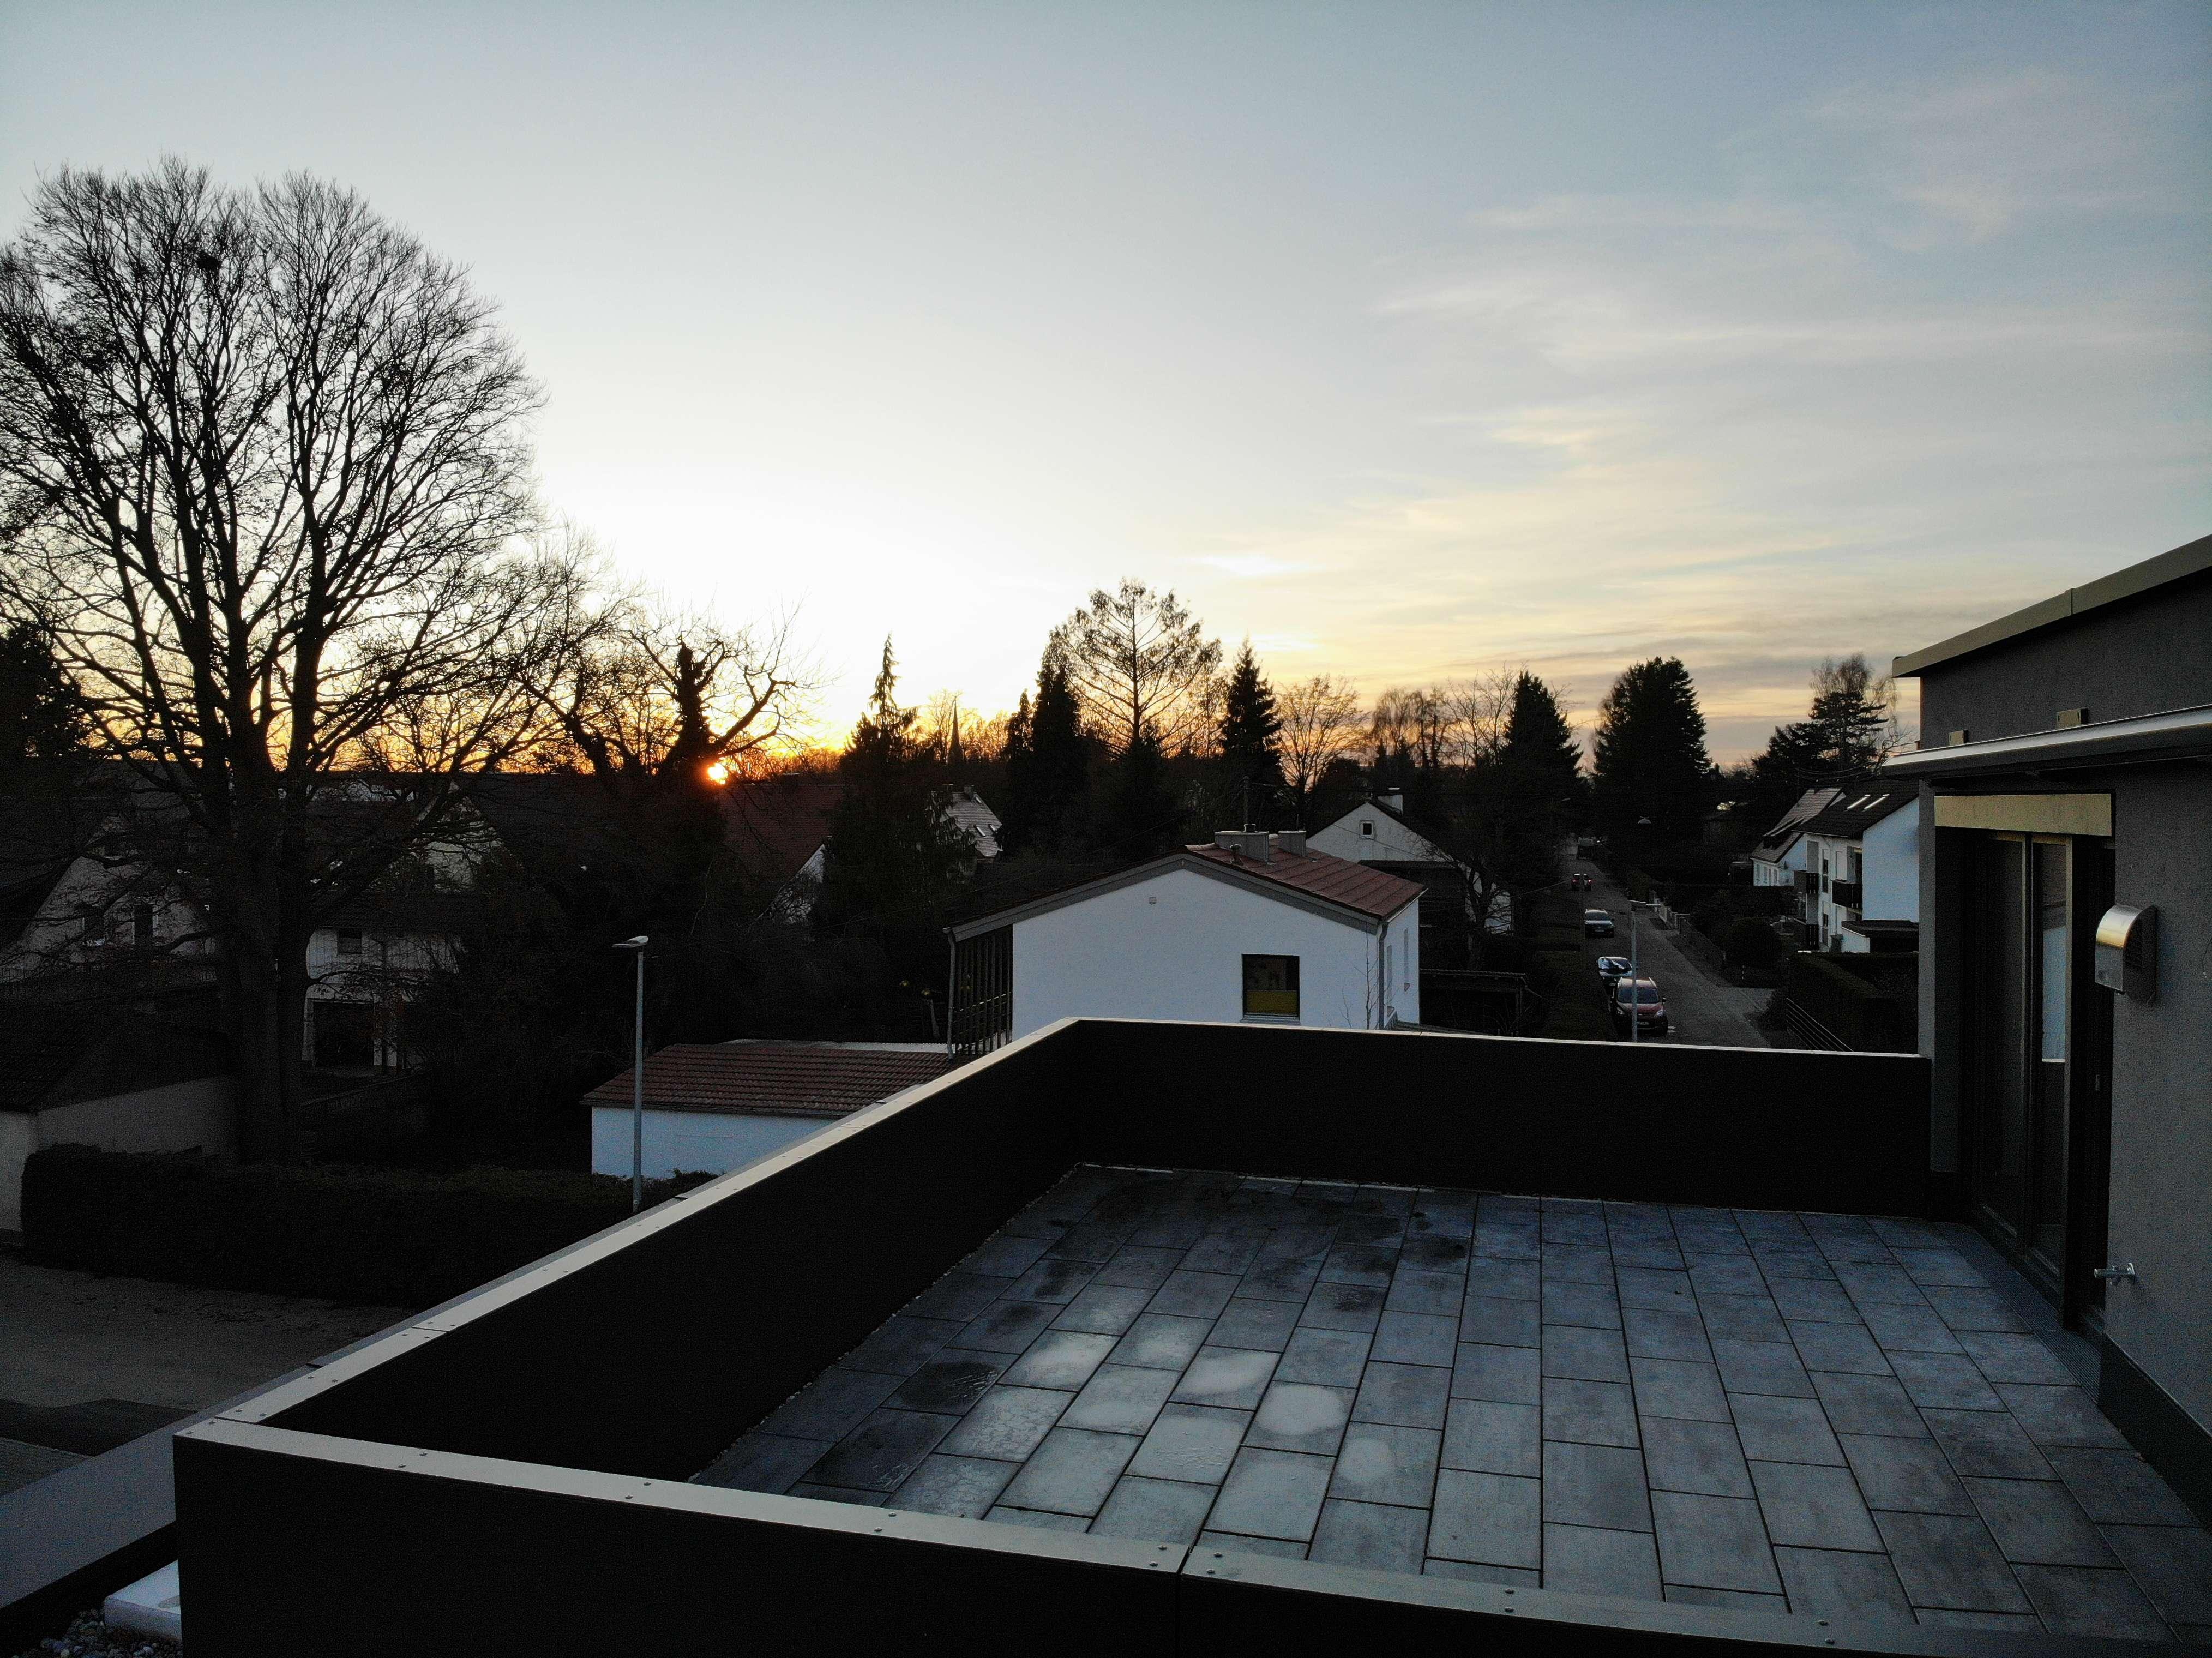 Neubau-Penthouse mit herrlicher Dachterrasse und Blick ins Grüne in Schwabmünchen